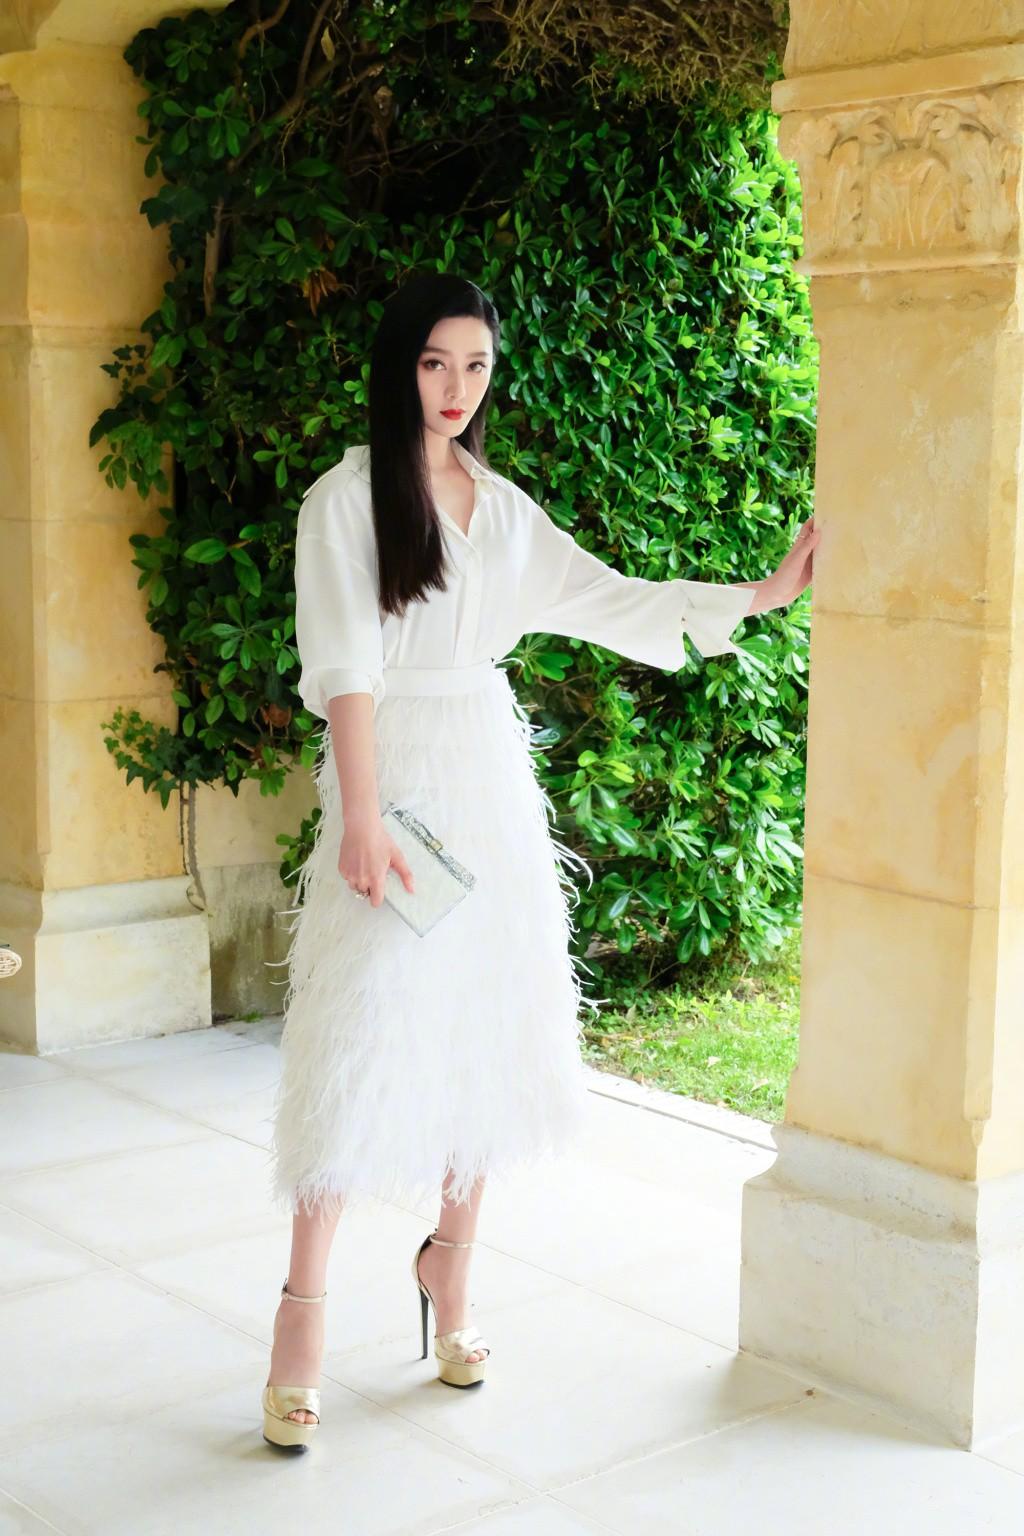 Khoảnh khắc gây sốt: Phạm Băng Băng 'trắng bật tông' so với dàn mỹ nhân quốc tế hạng A tại Cannes 12